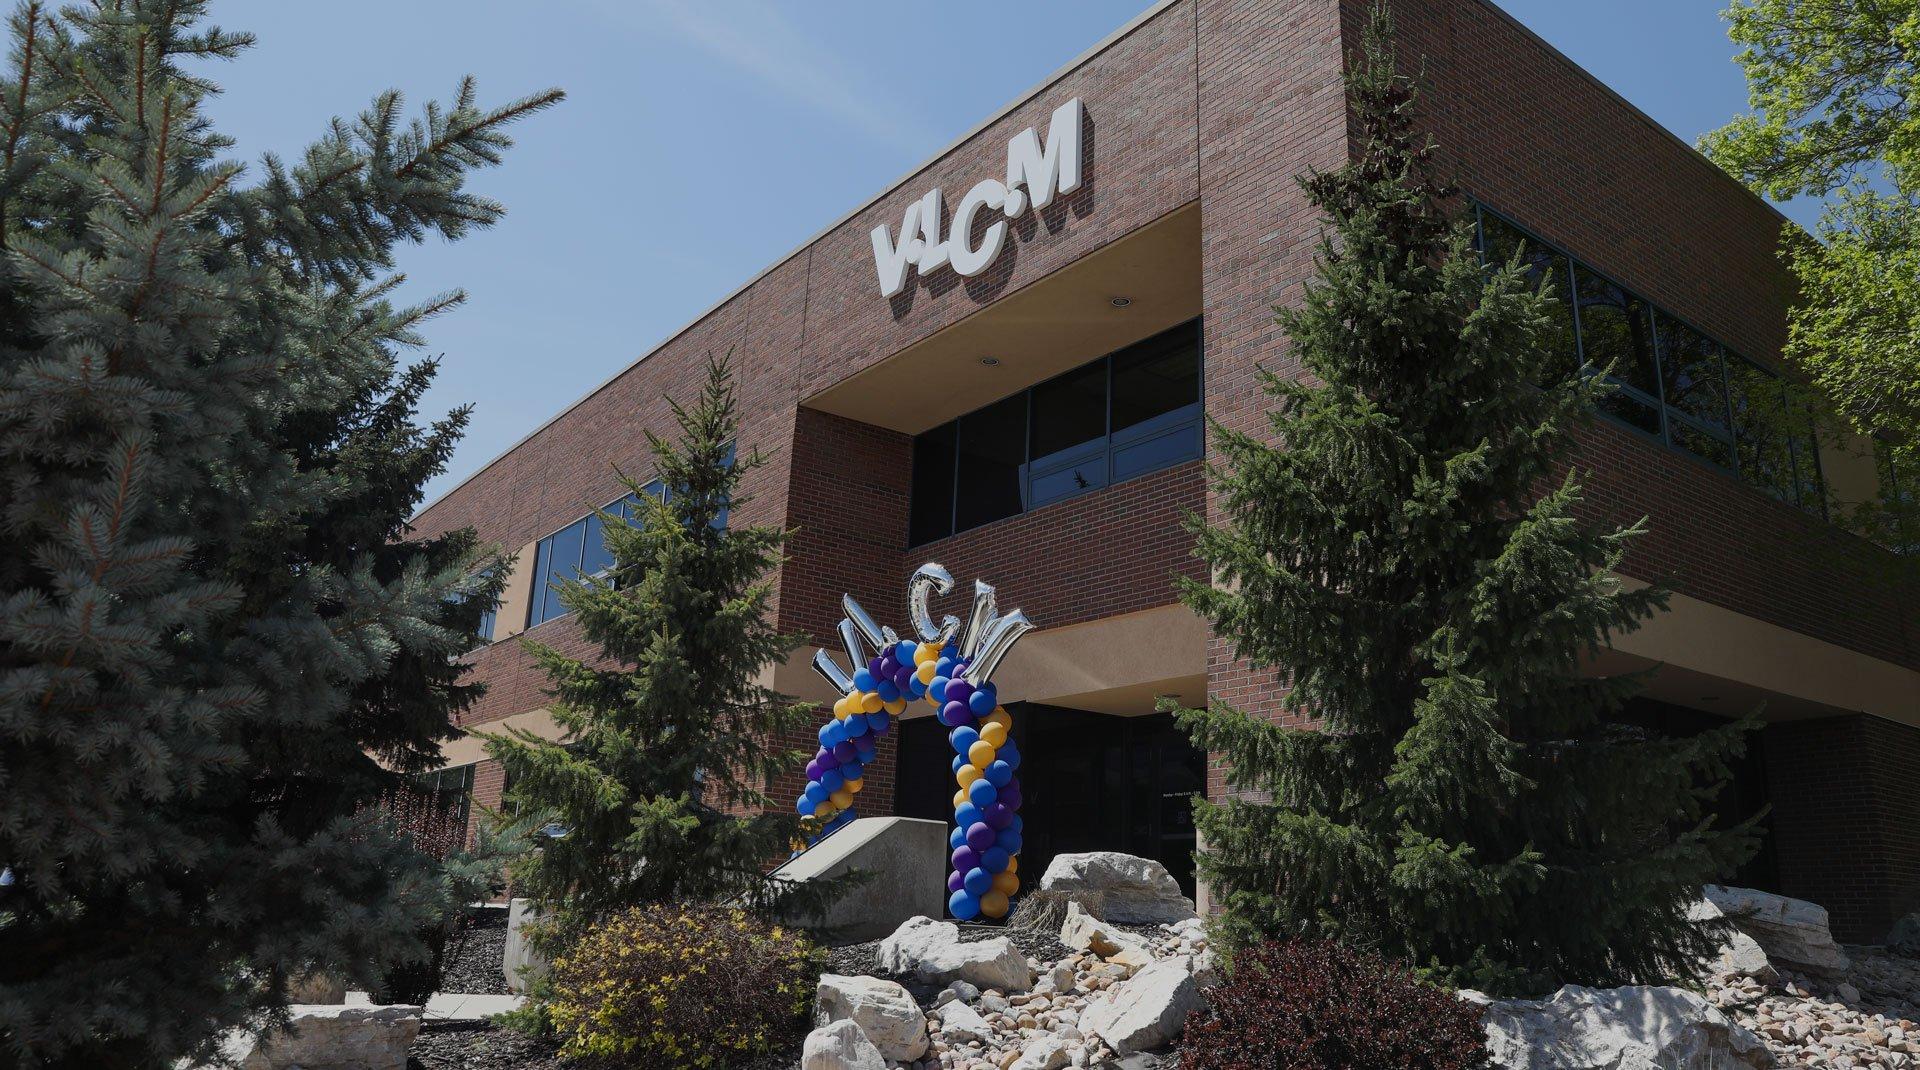 VLCM HQ